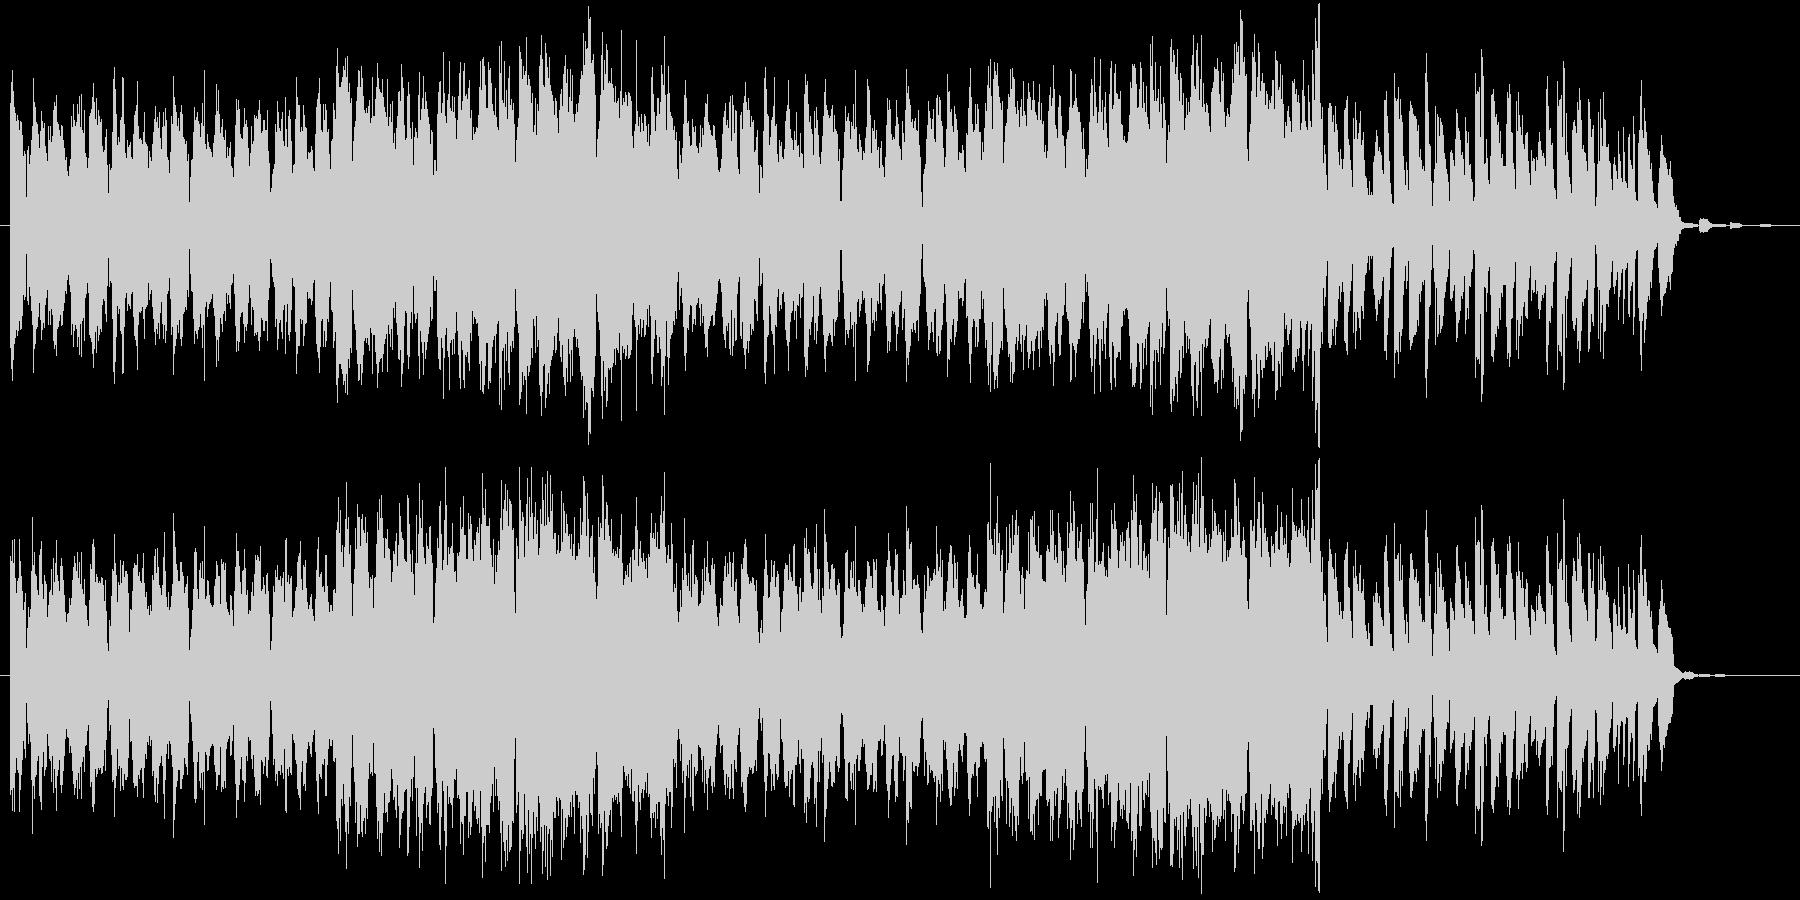 エレクトロ、トランス的なロックの未再生の波形